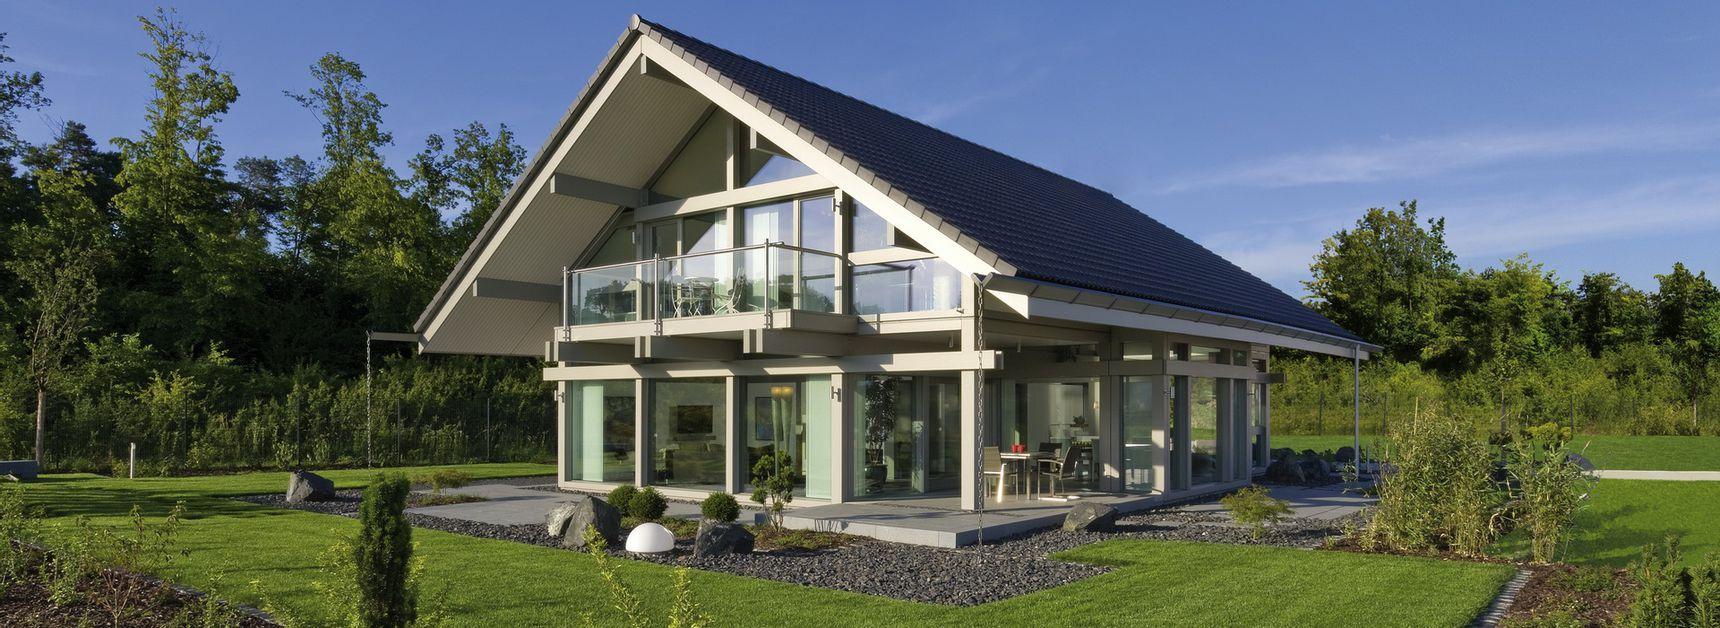 Musterhäuser | Moderne Fachwerkarchitektur | Musterhauszentrum - HUF ...